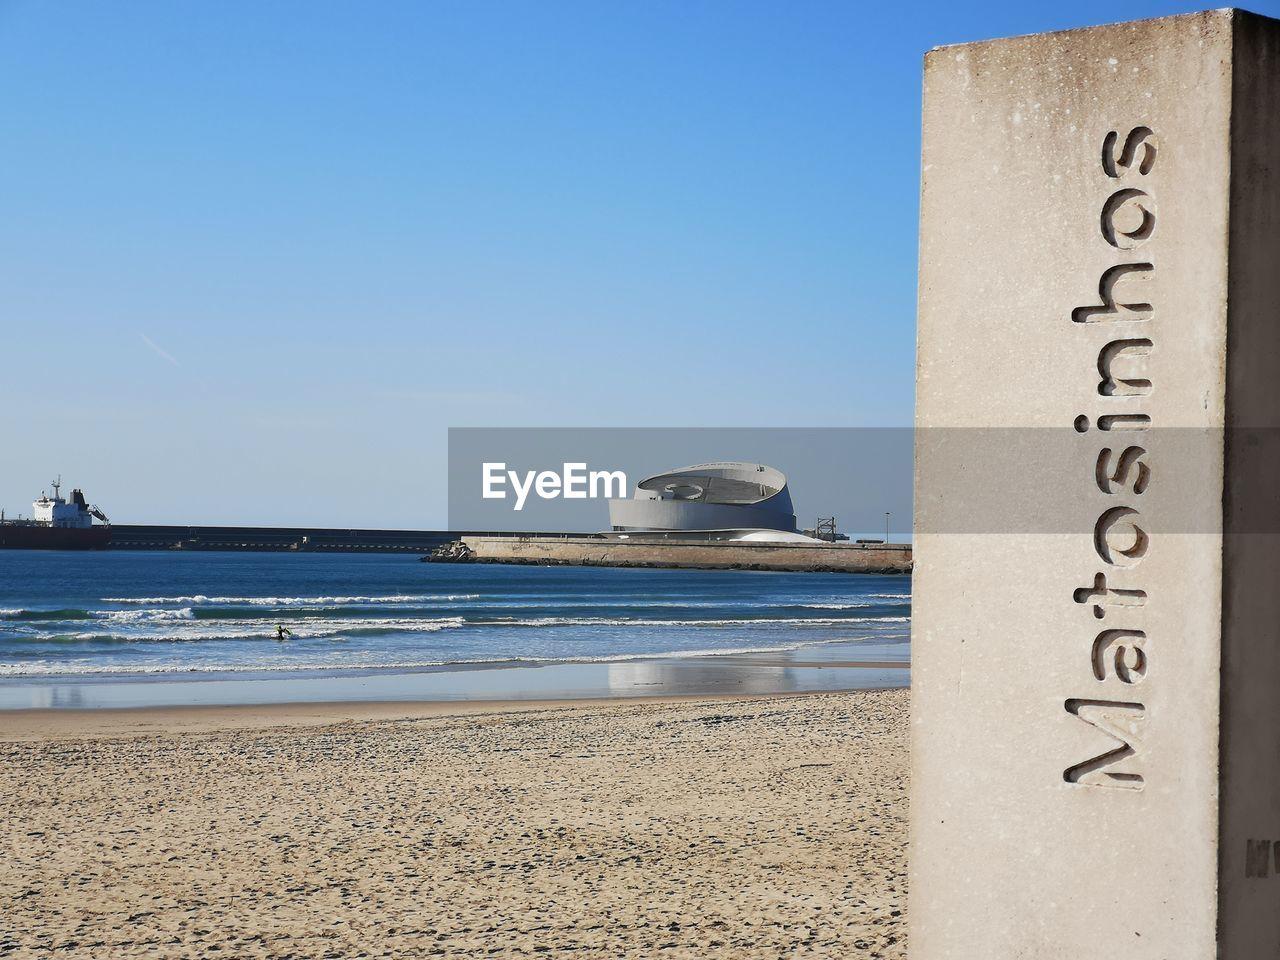 TEXT ON BEACH AGAINST CLEAR BLUE SKY